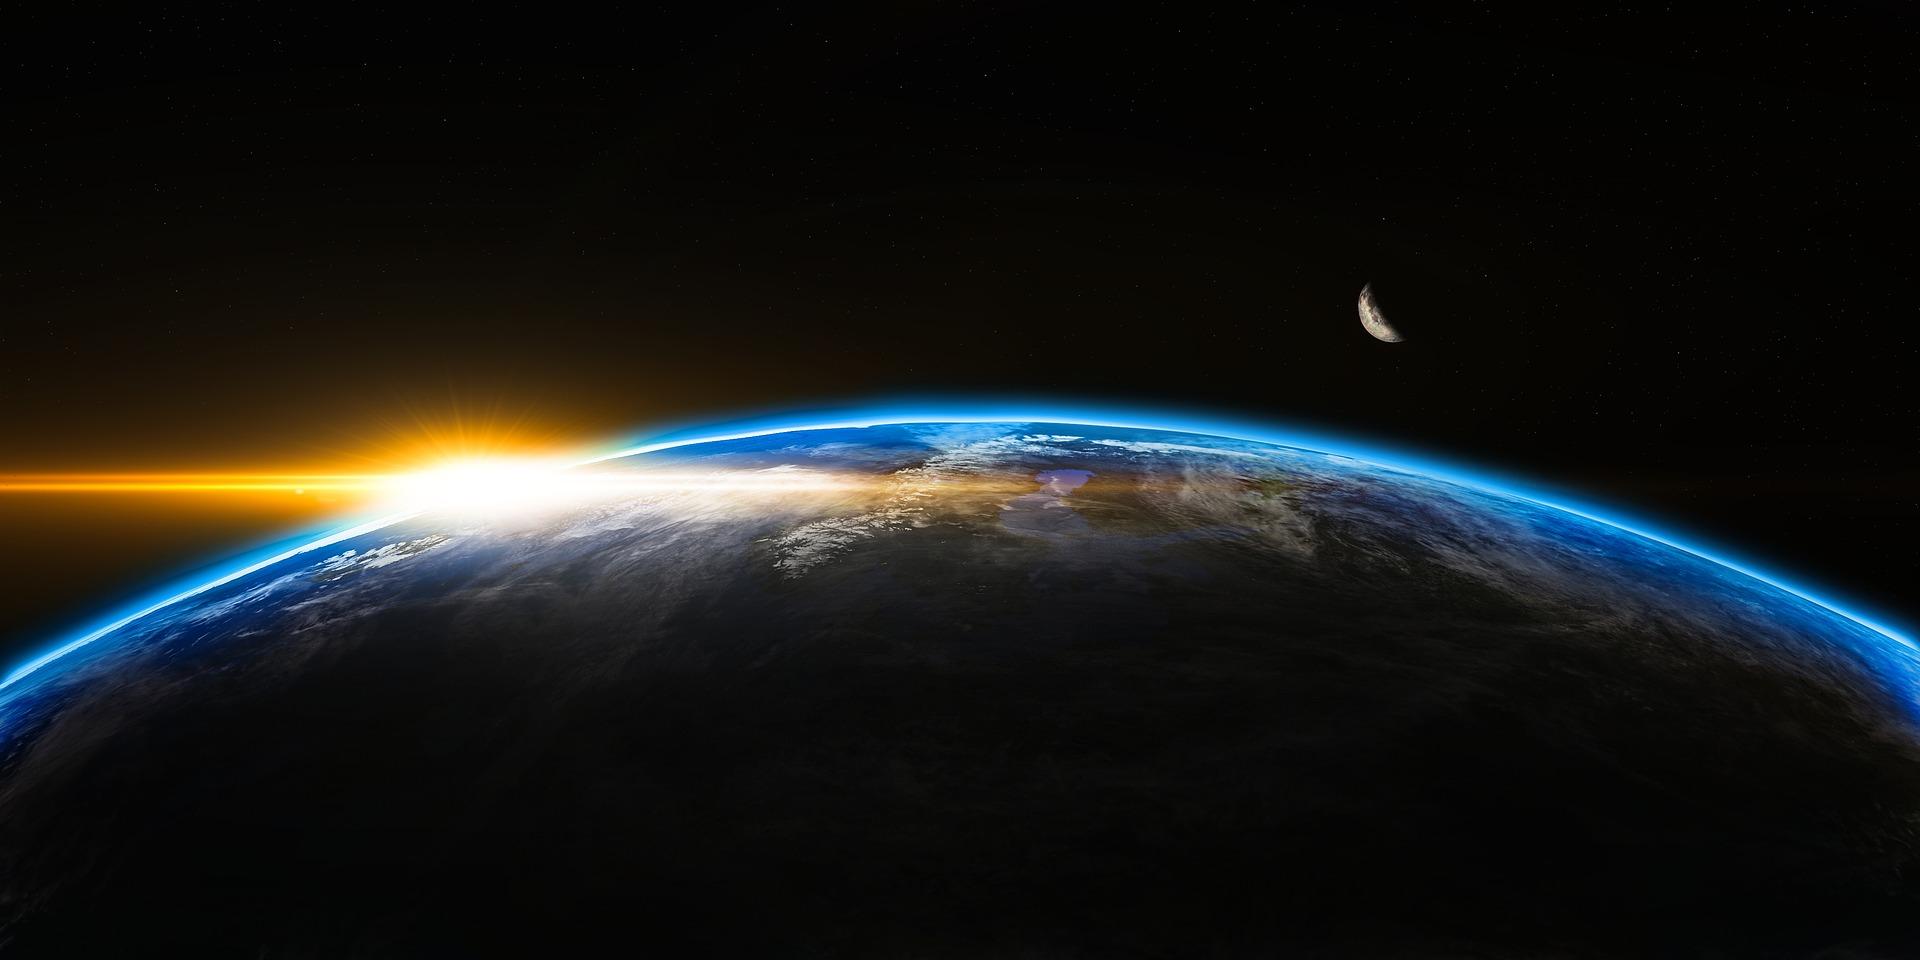 Demain, jeudi 22 avril, nous célèbrerons Le Jour de la Terre.